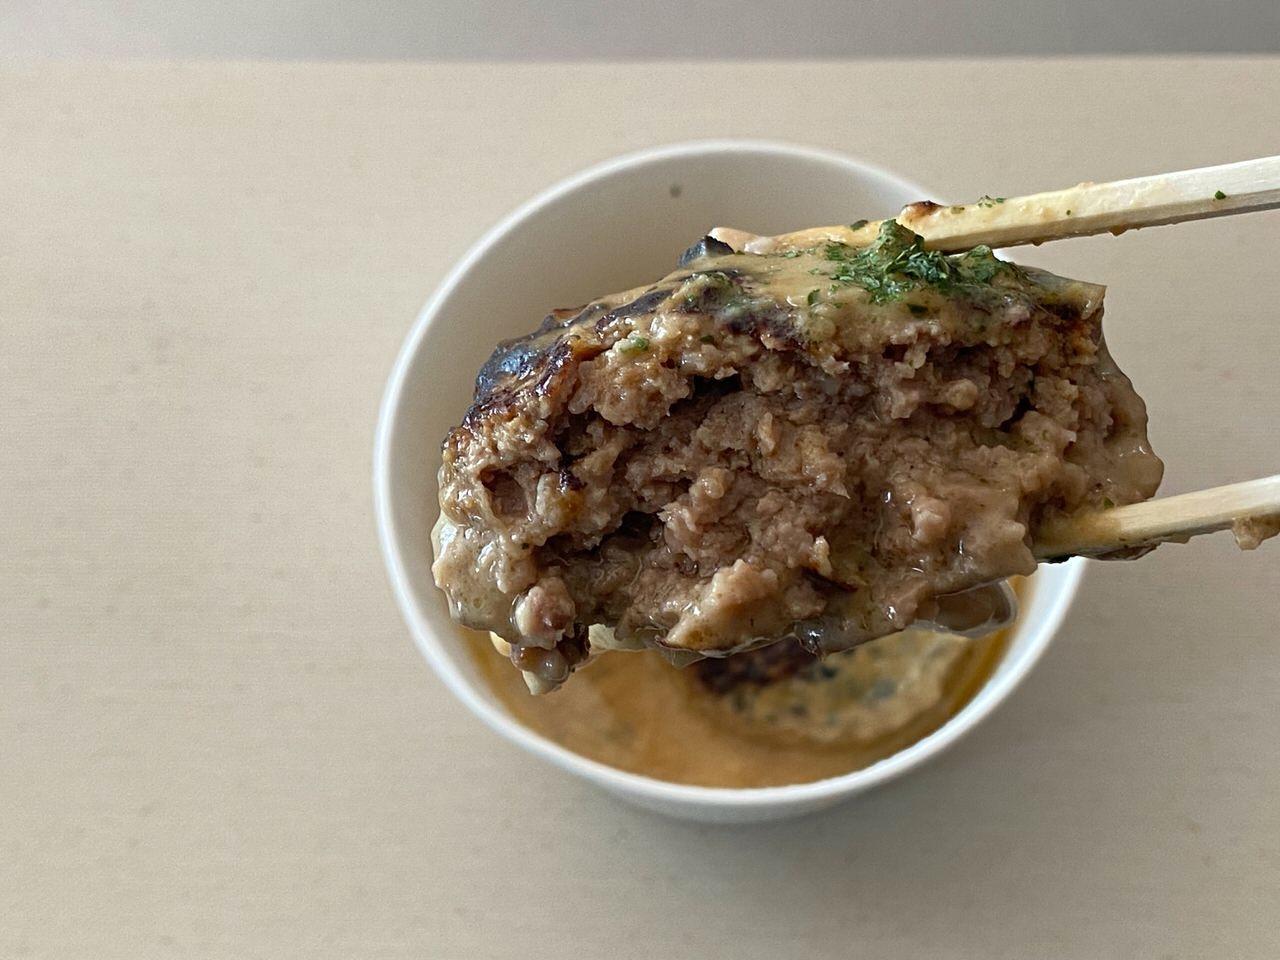 【松屋】「黒トリュフソースのビーフハンバーグ定食」8